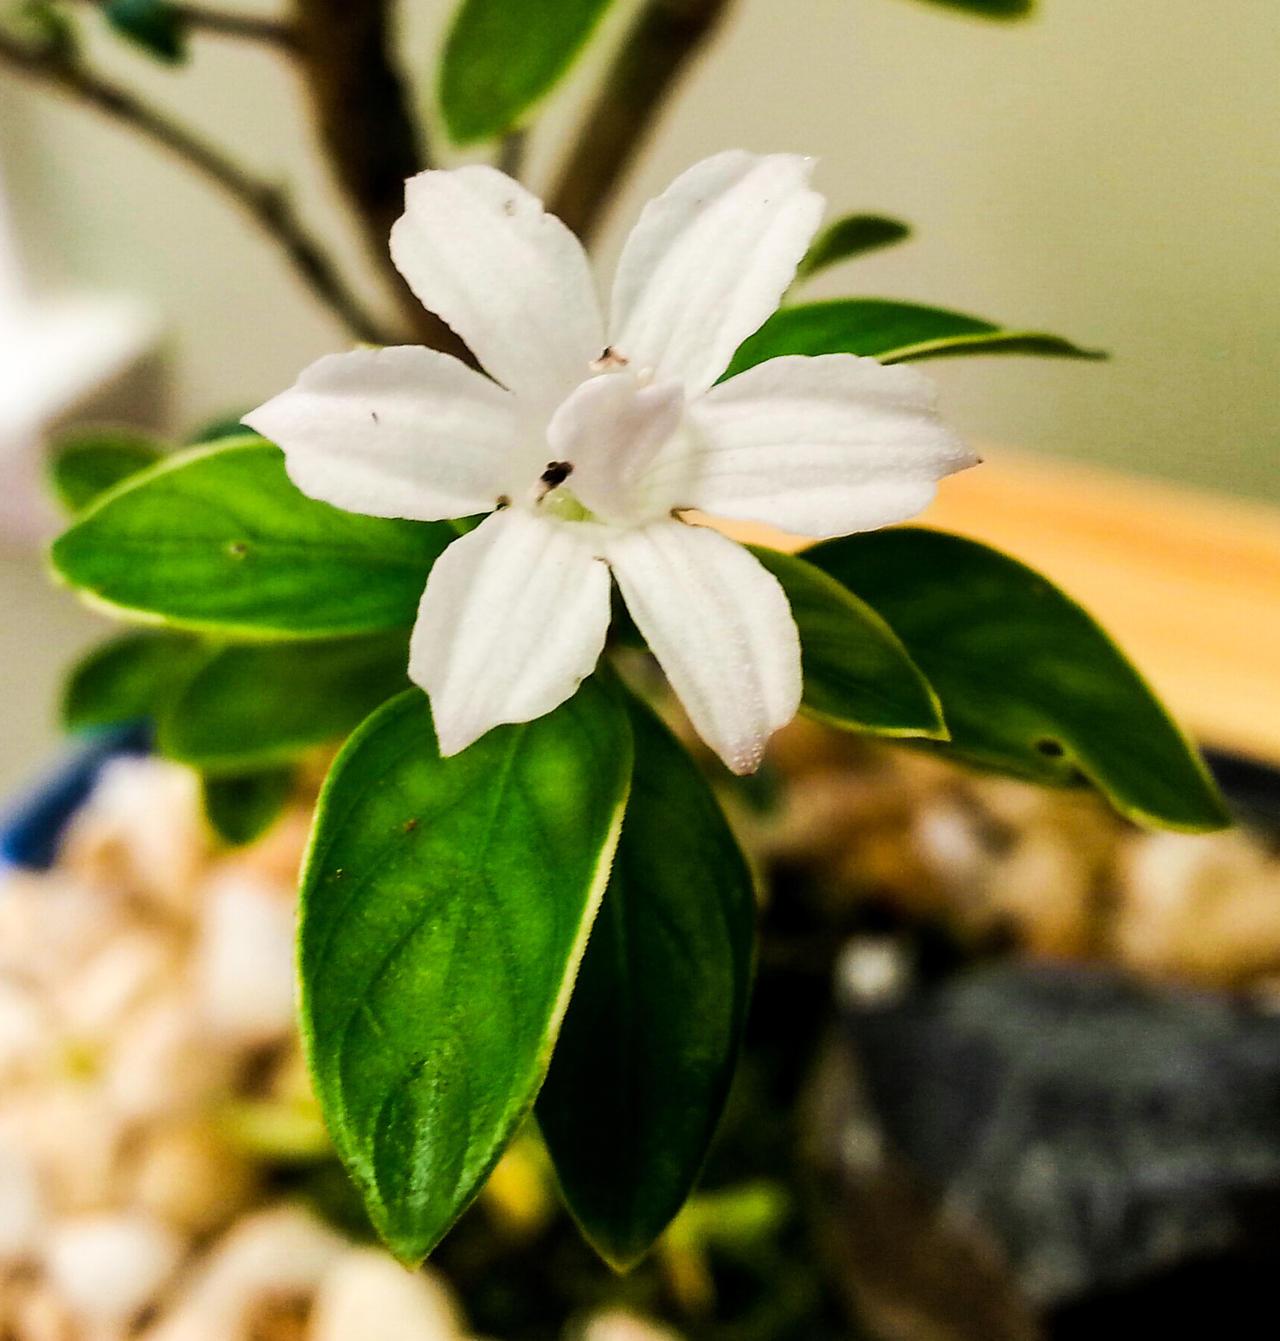 Bonsai Flower 4 by MrDannyD